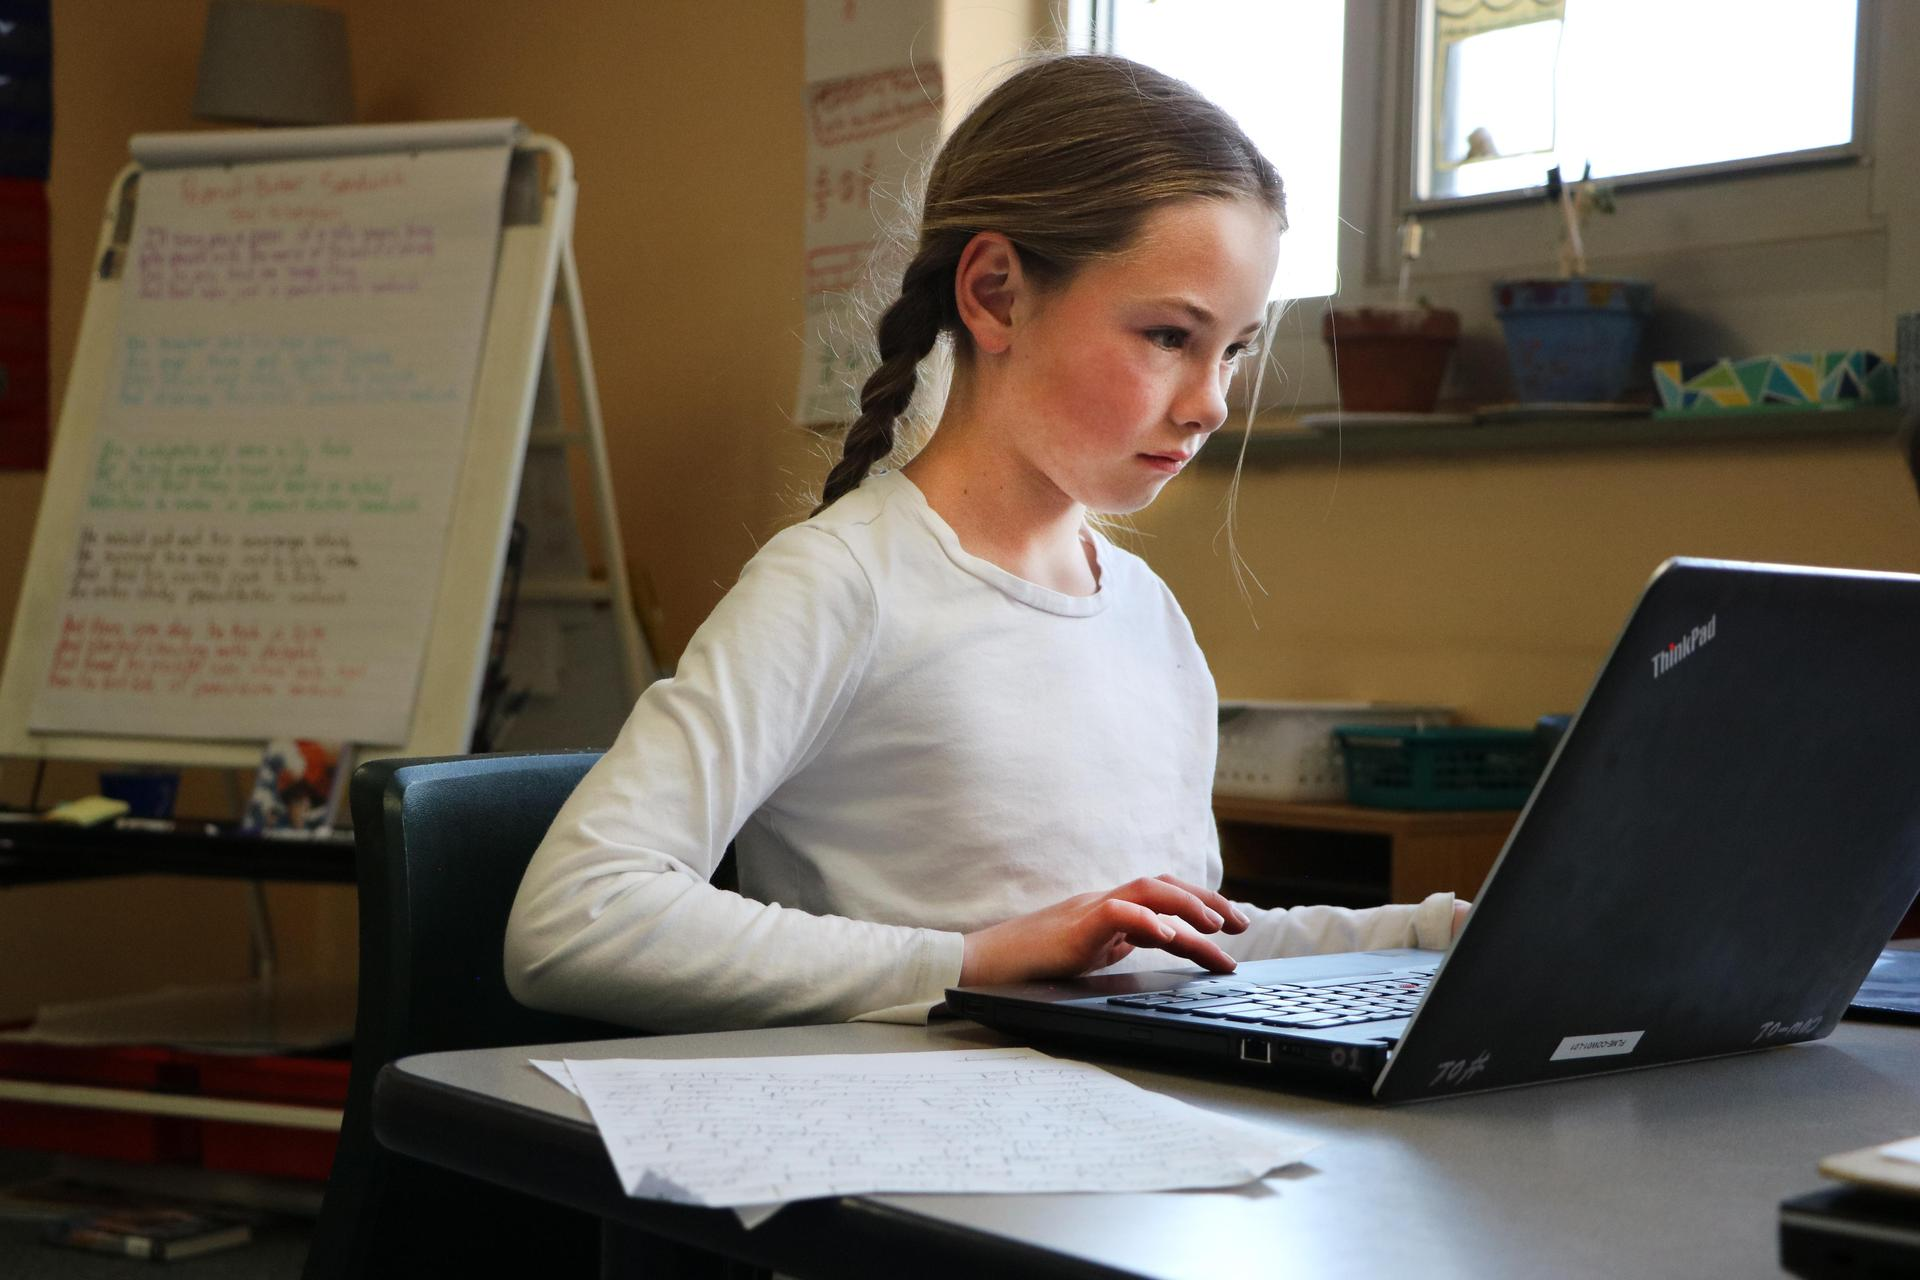 girl at laptop